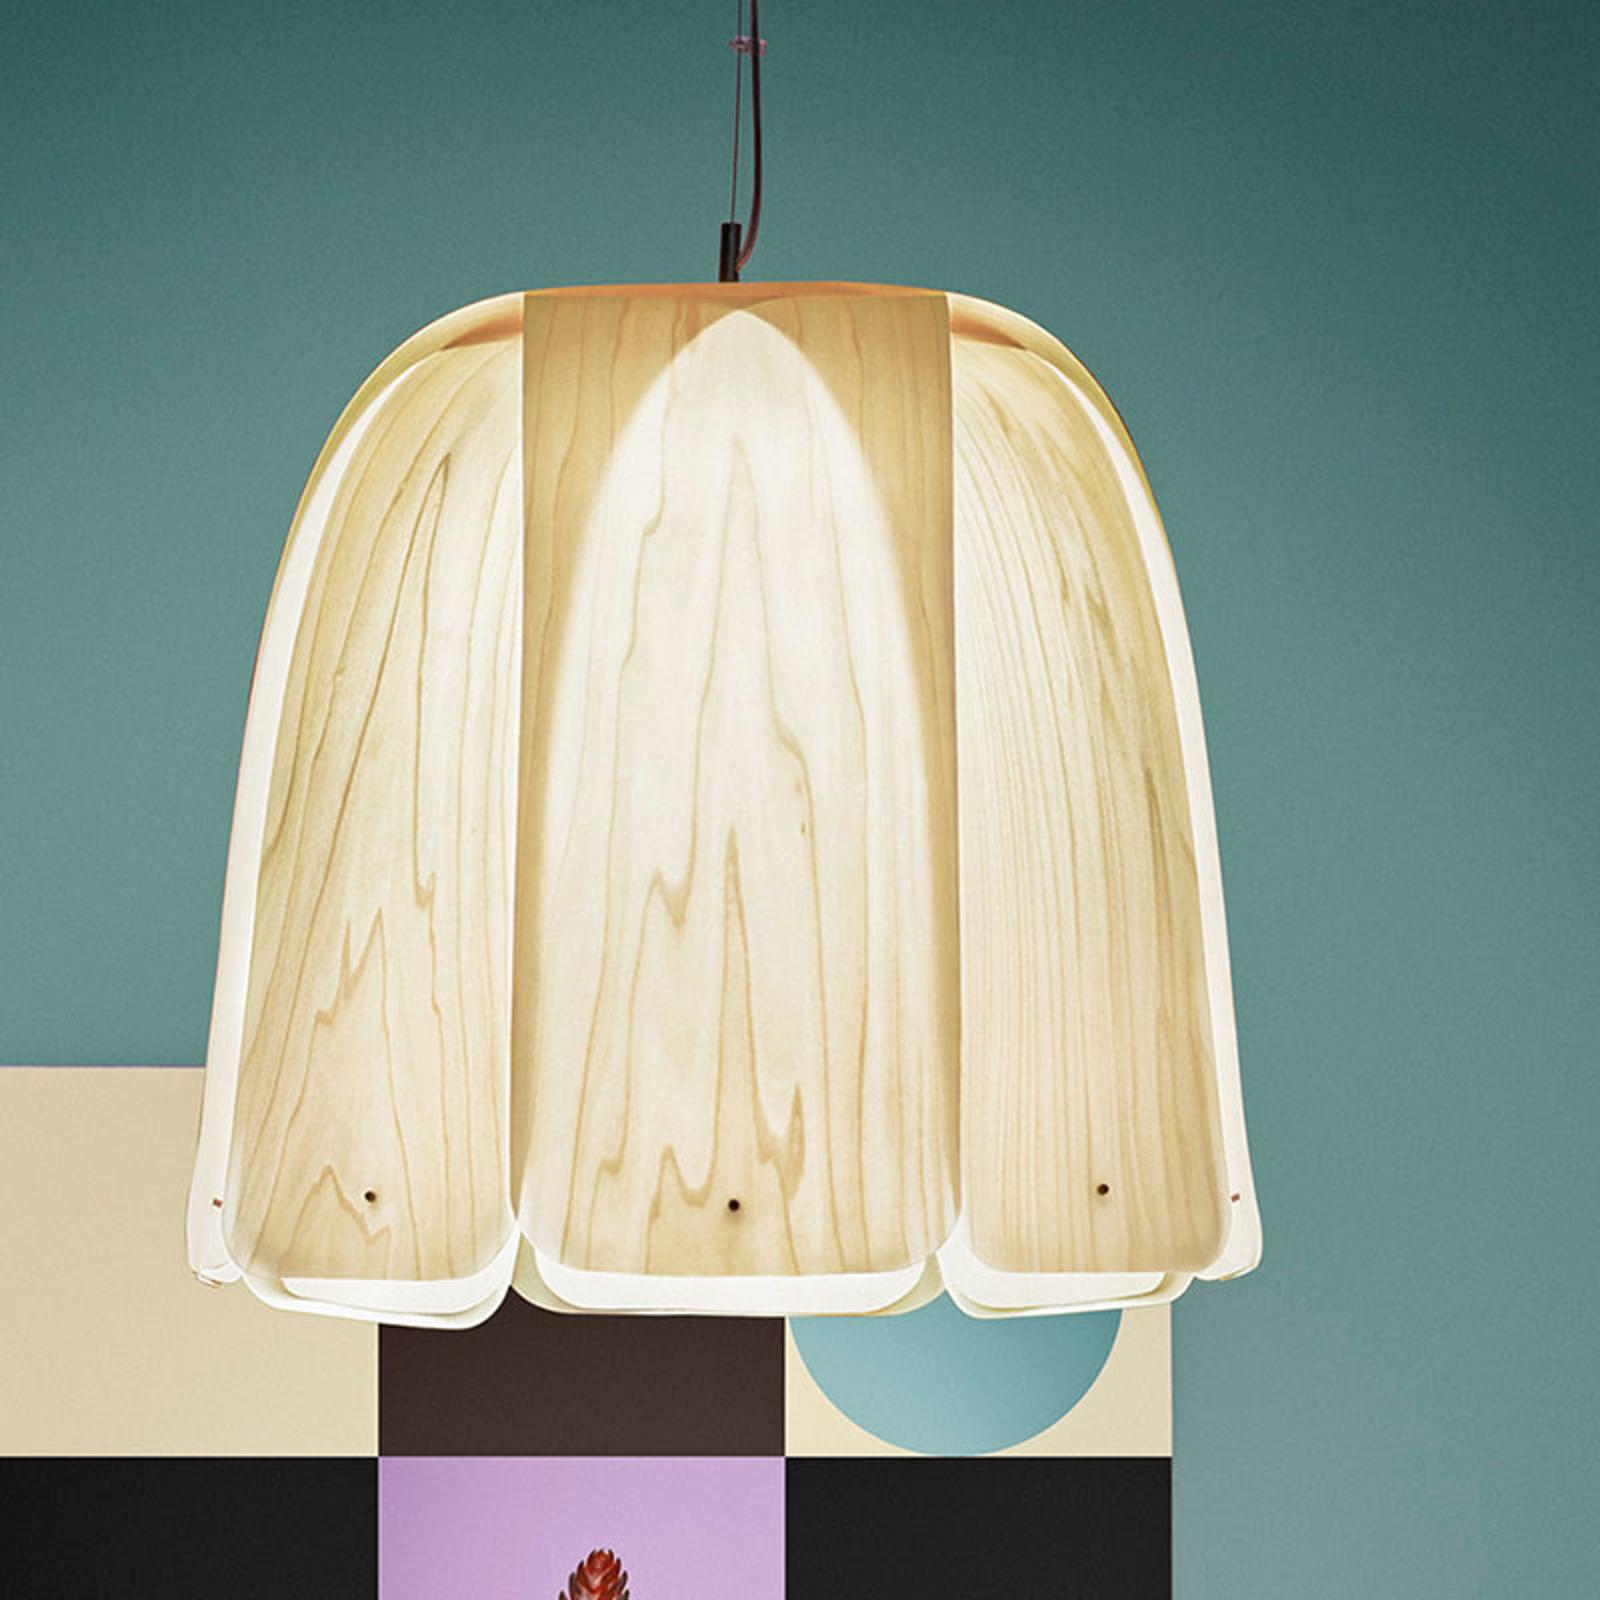 LZF Domo lampa wisząca kość słoniowa